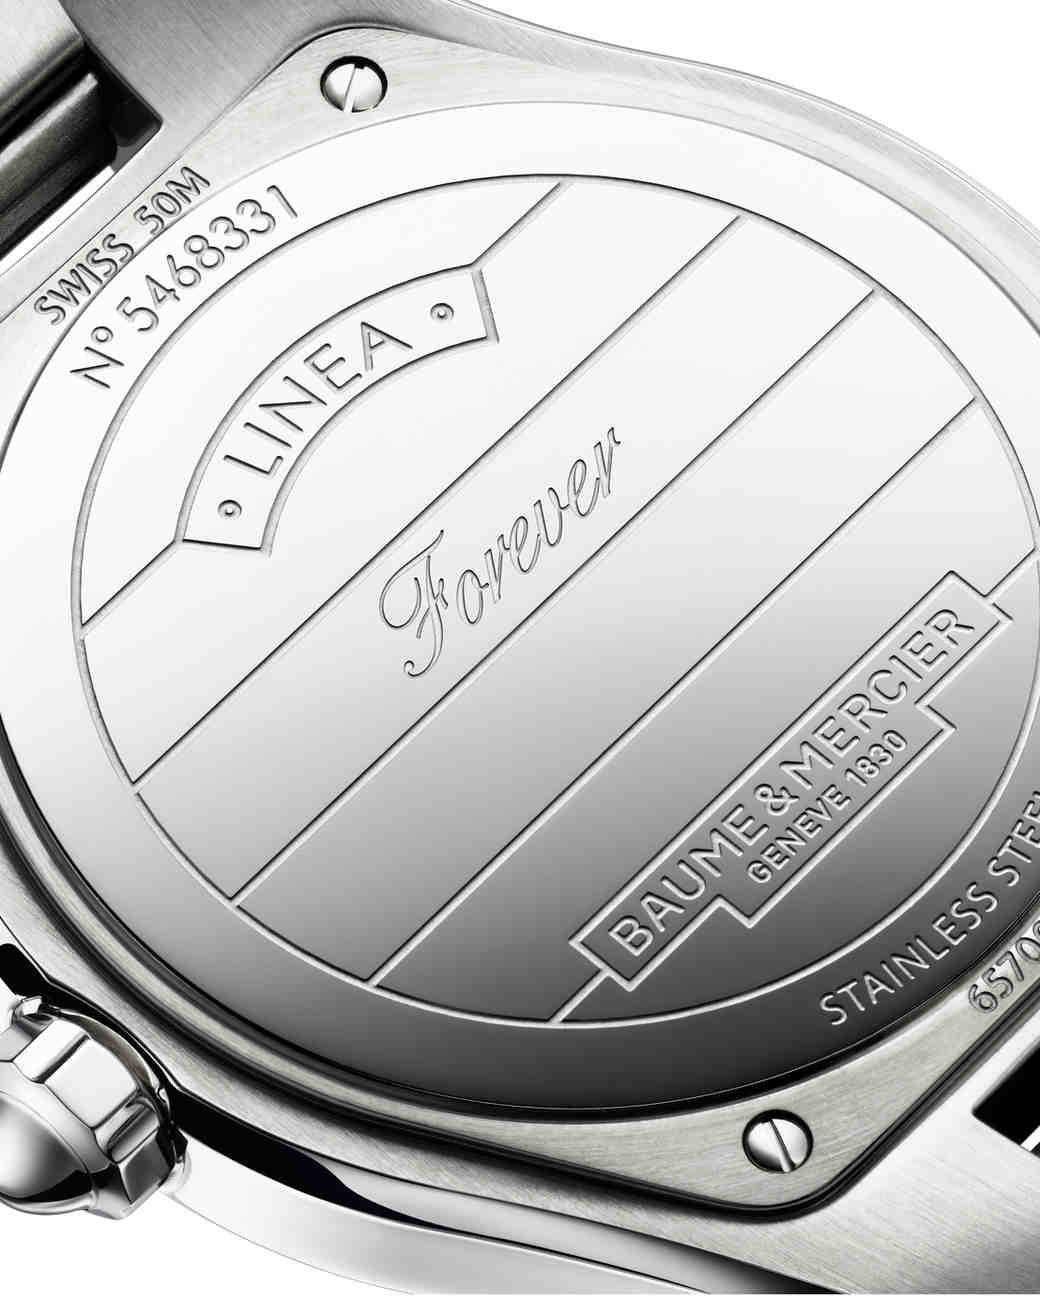 baume-mercier-watch-engraved-5-0514.jpg